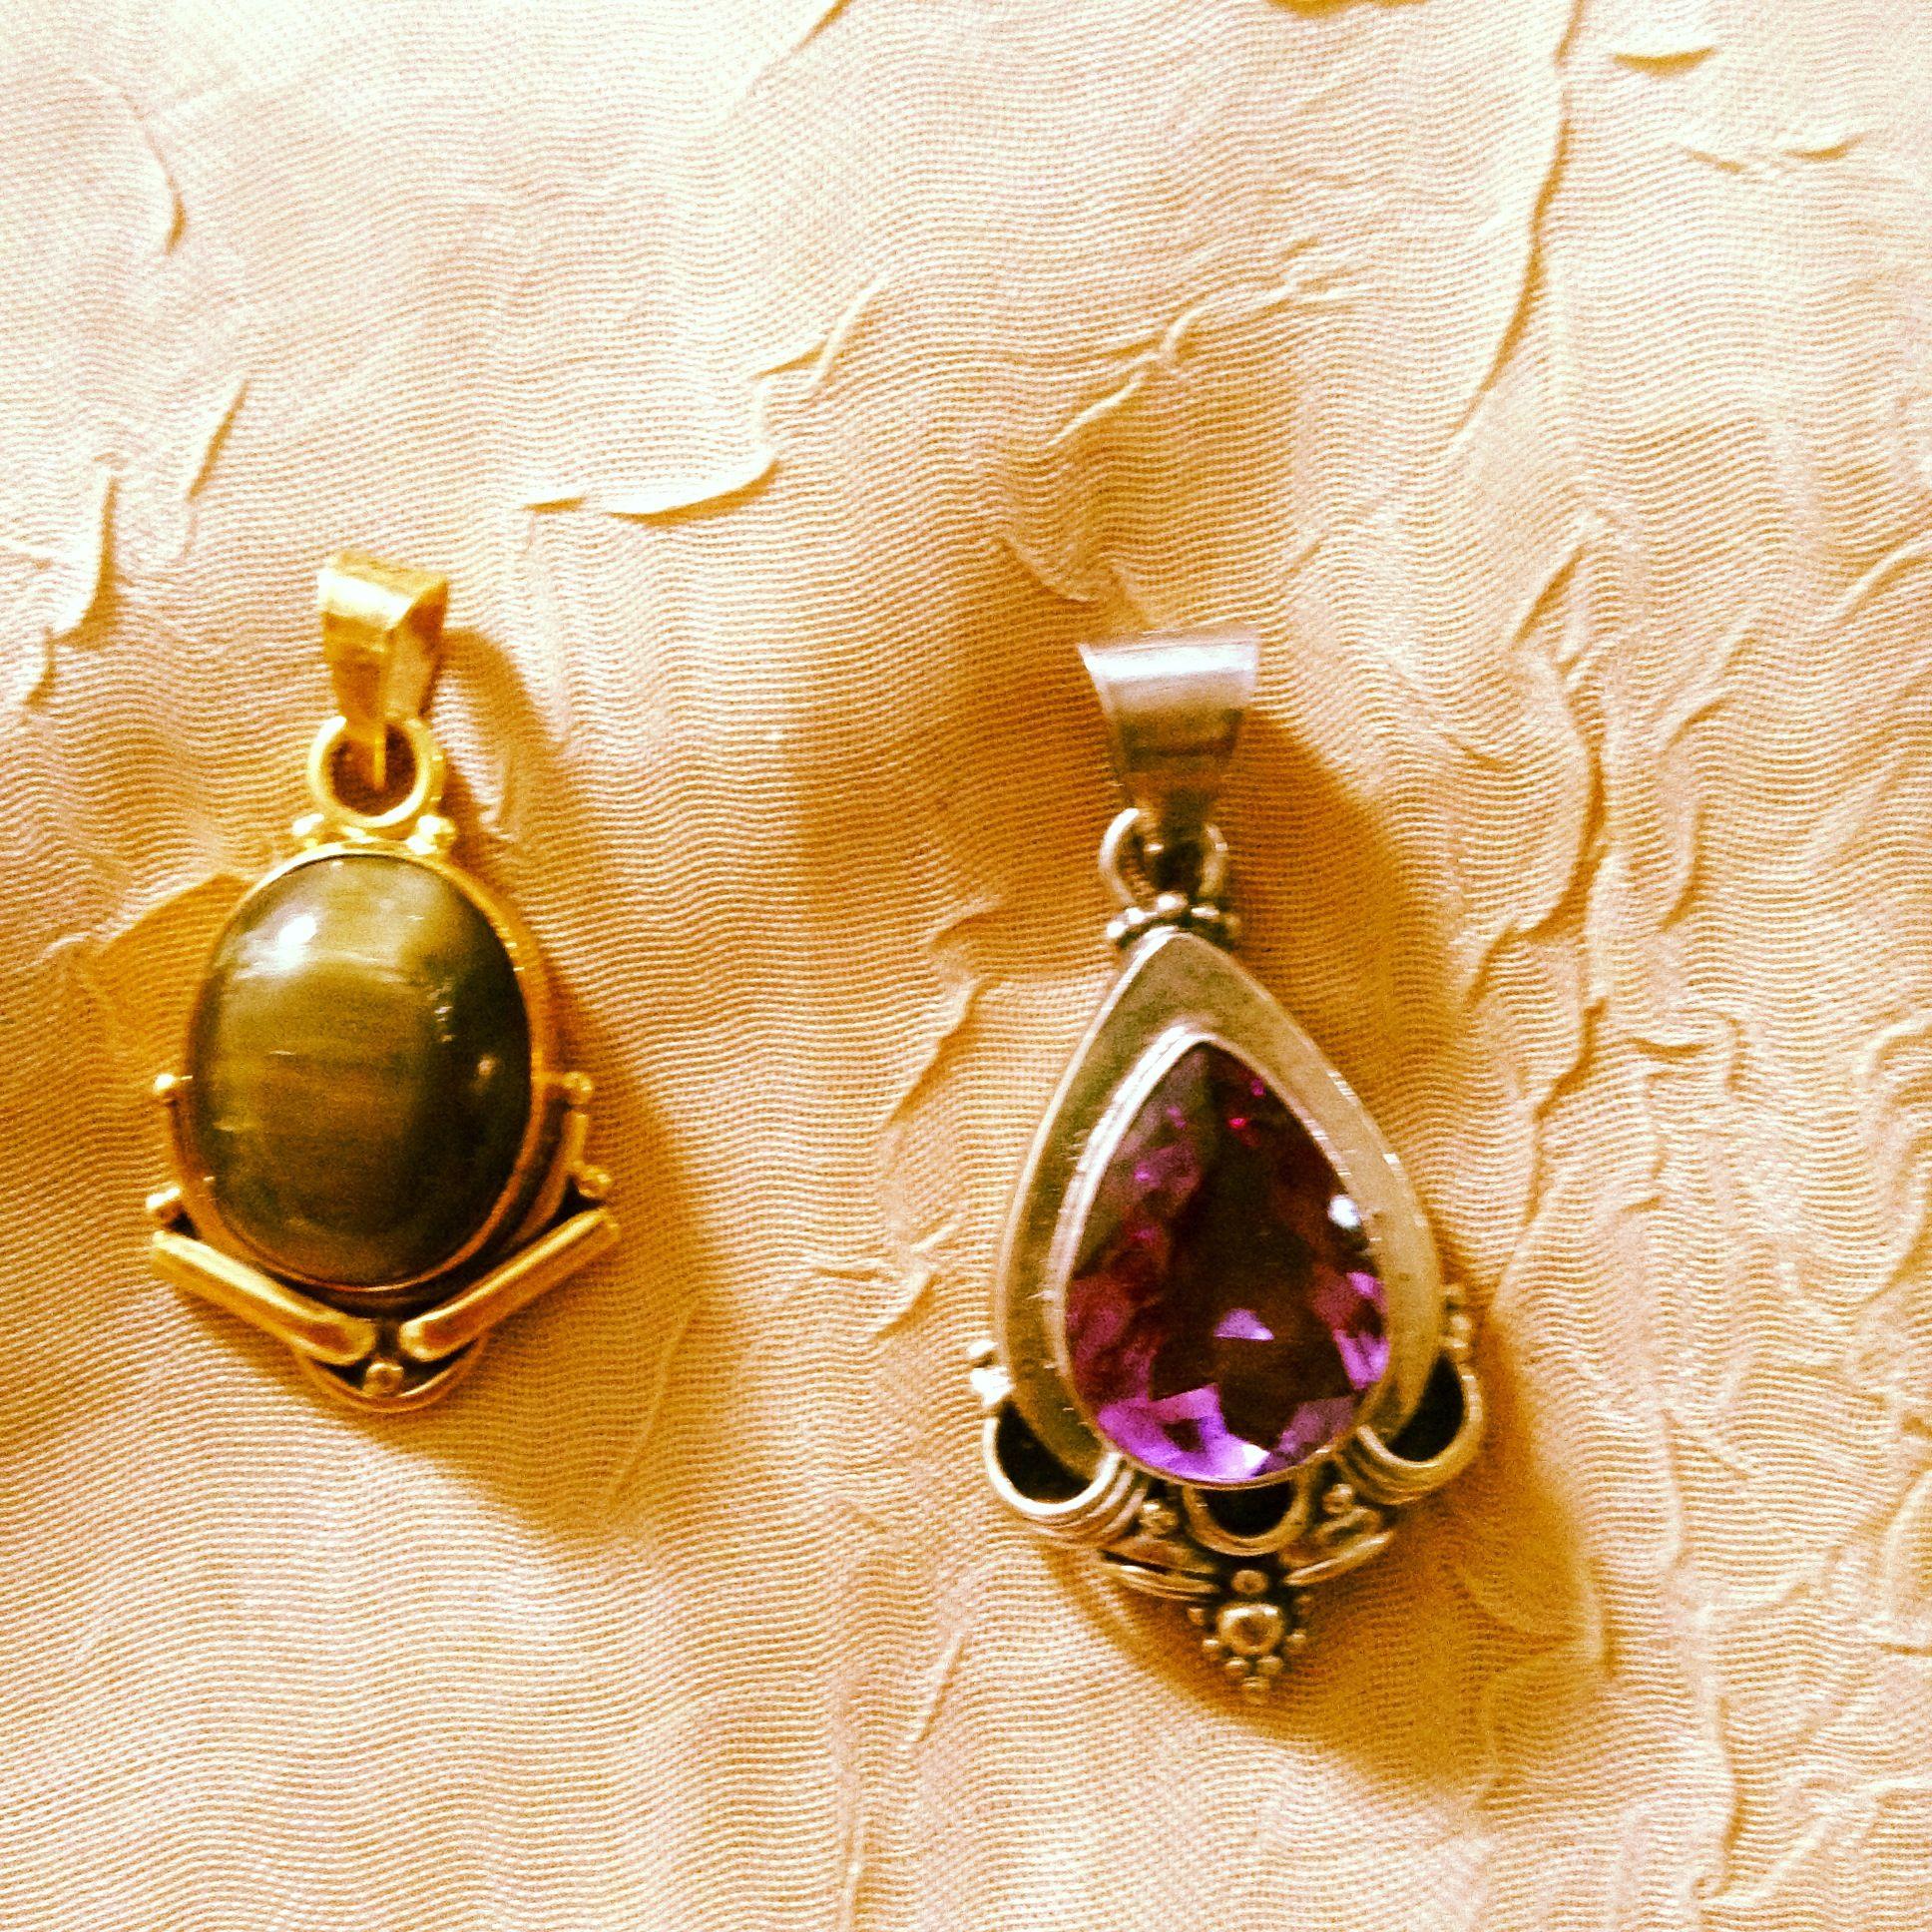 Pingentes:1-com gema de turmalina olho de gato em prata com banho de ouro e, 2-com gema de ametista em prata.